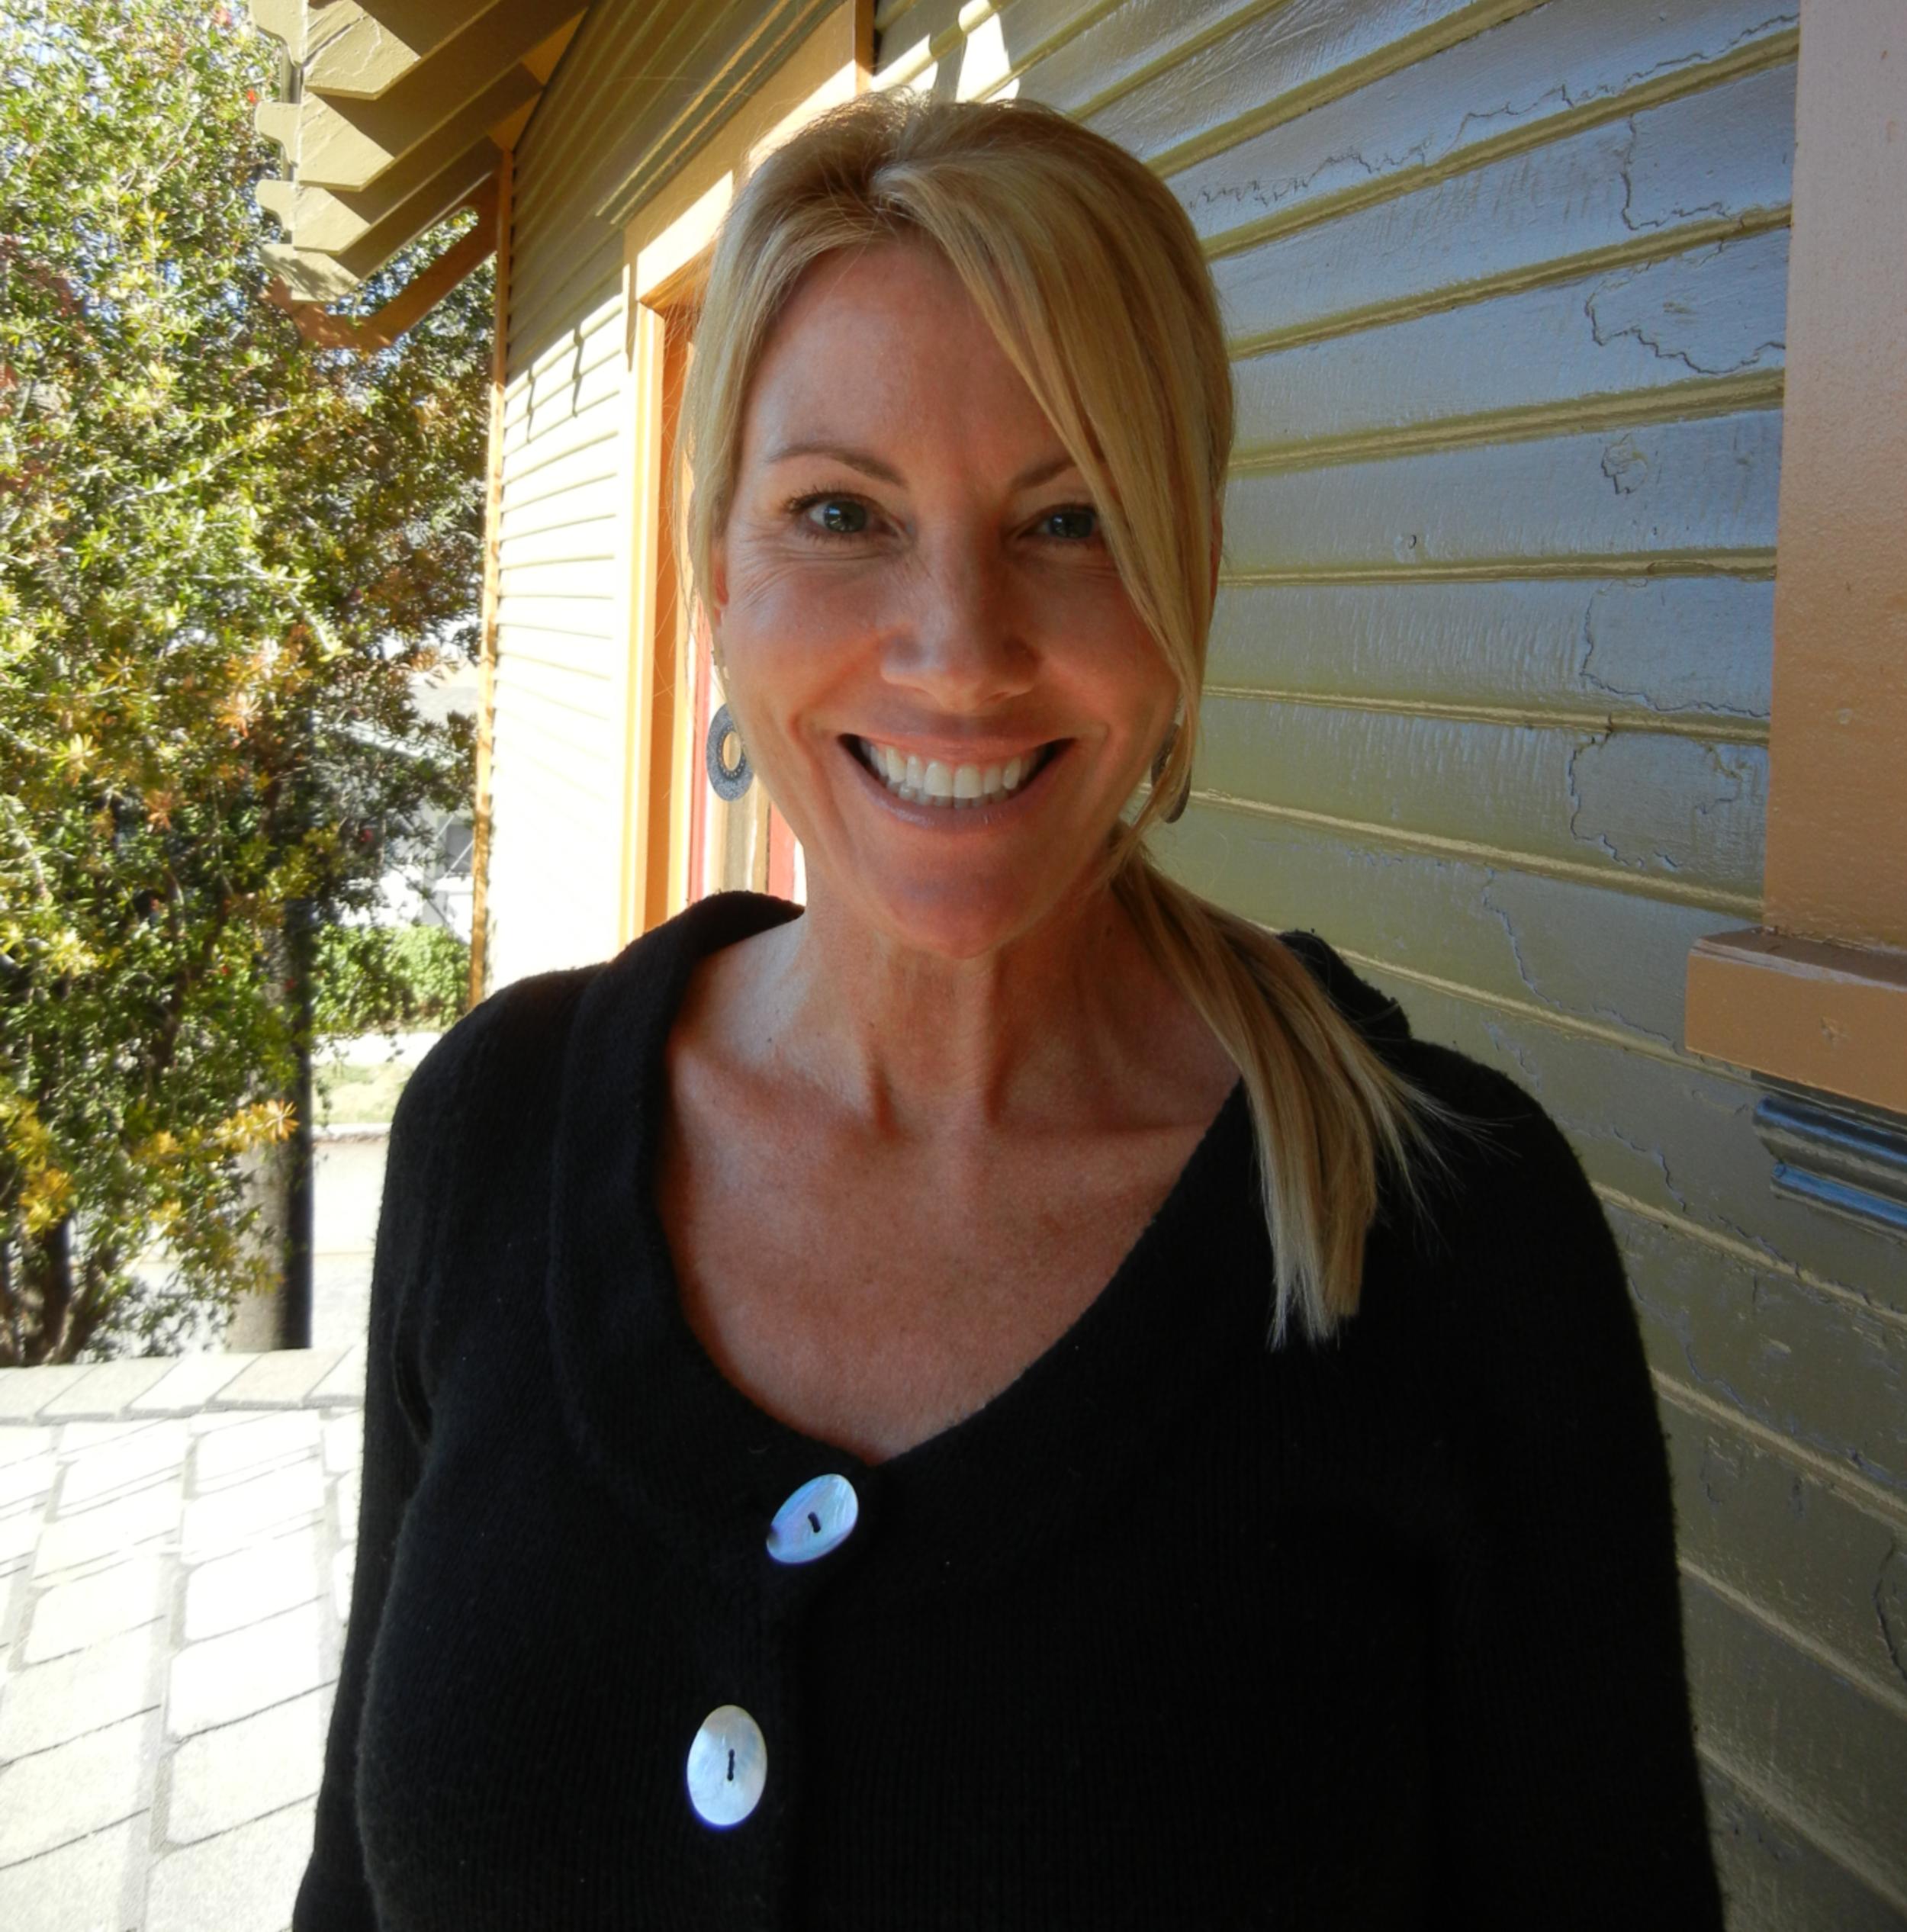 ANNMARIE QUINN, GEOTEK USA